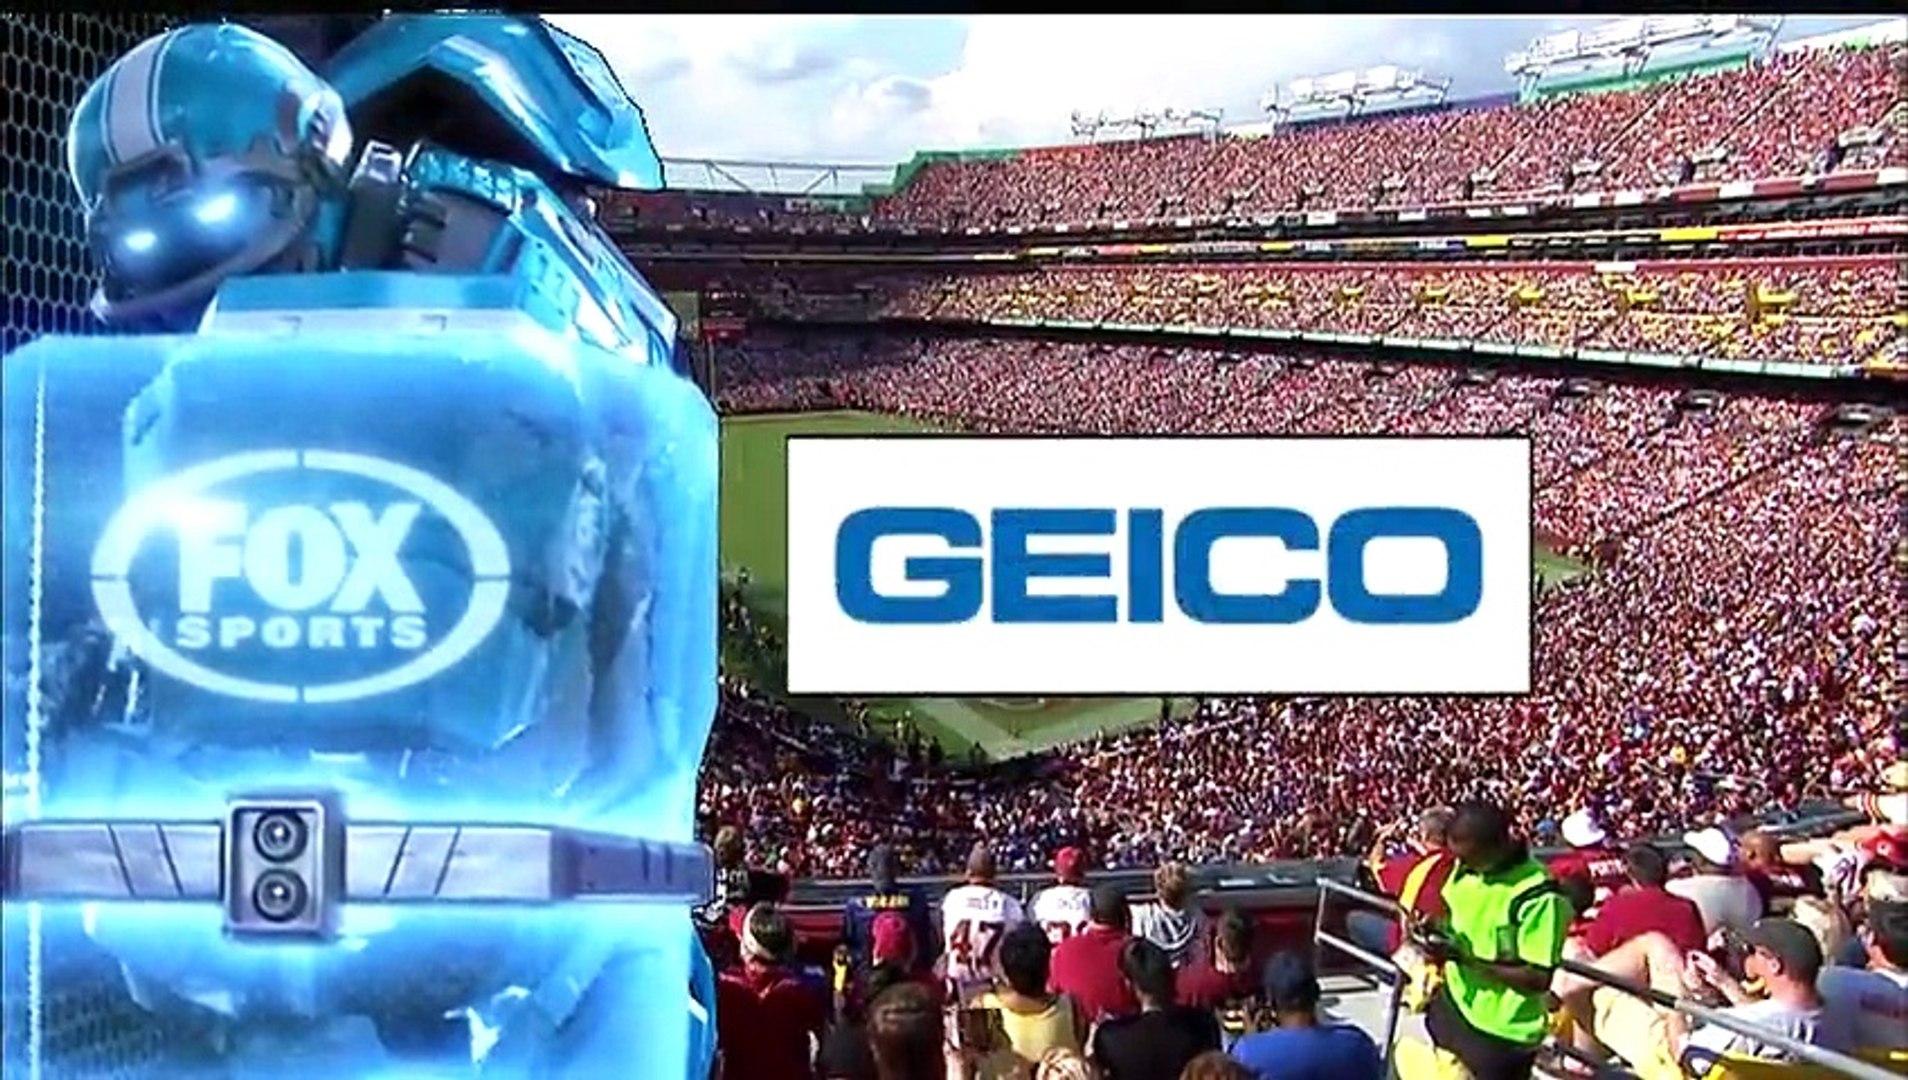 NFL 2011-12 W01 - Washington Redskins vs New York Giants 2011-09-11